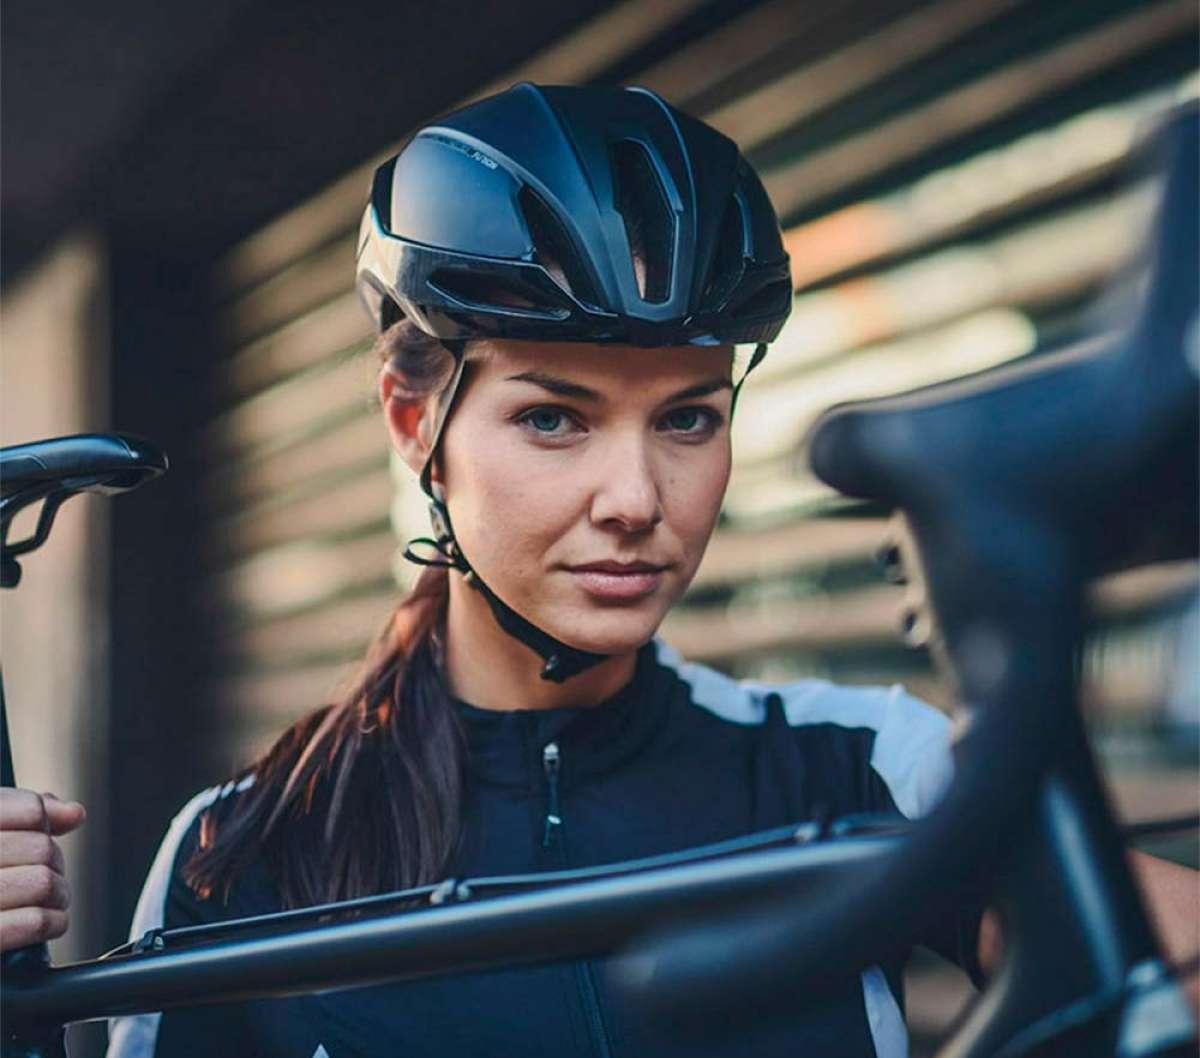 El casco HJC Furion estrena dos colores más en su gama de opciones